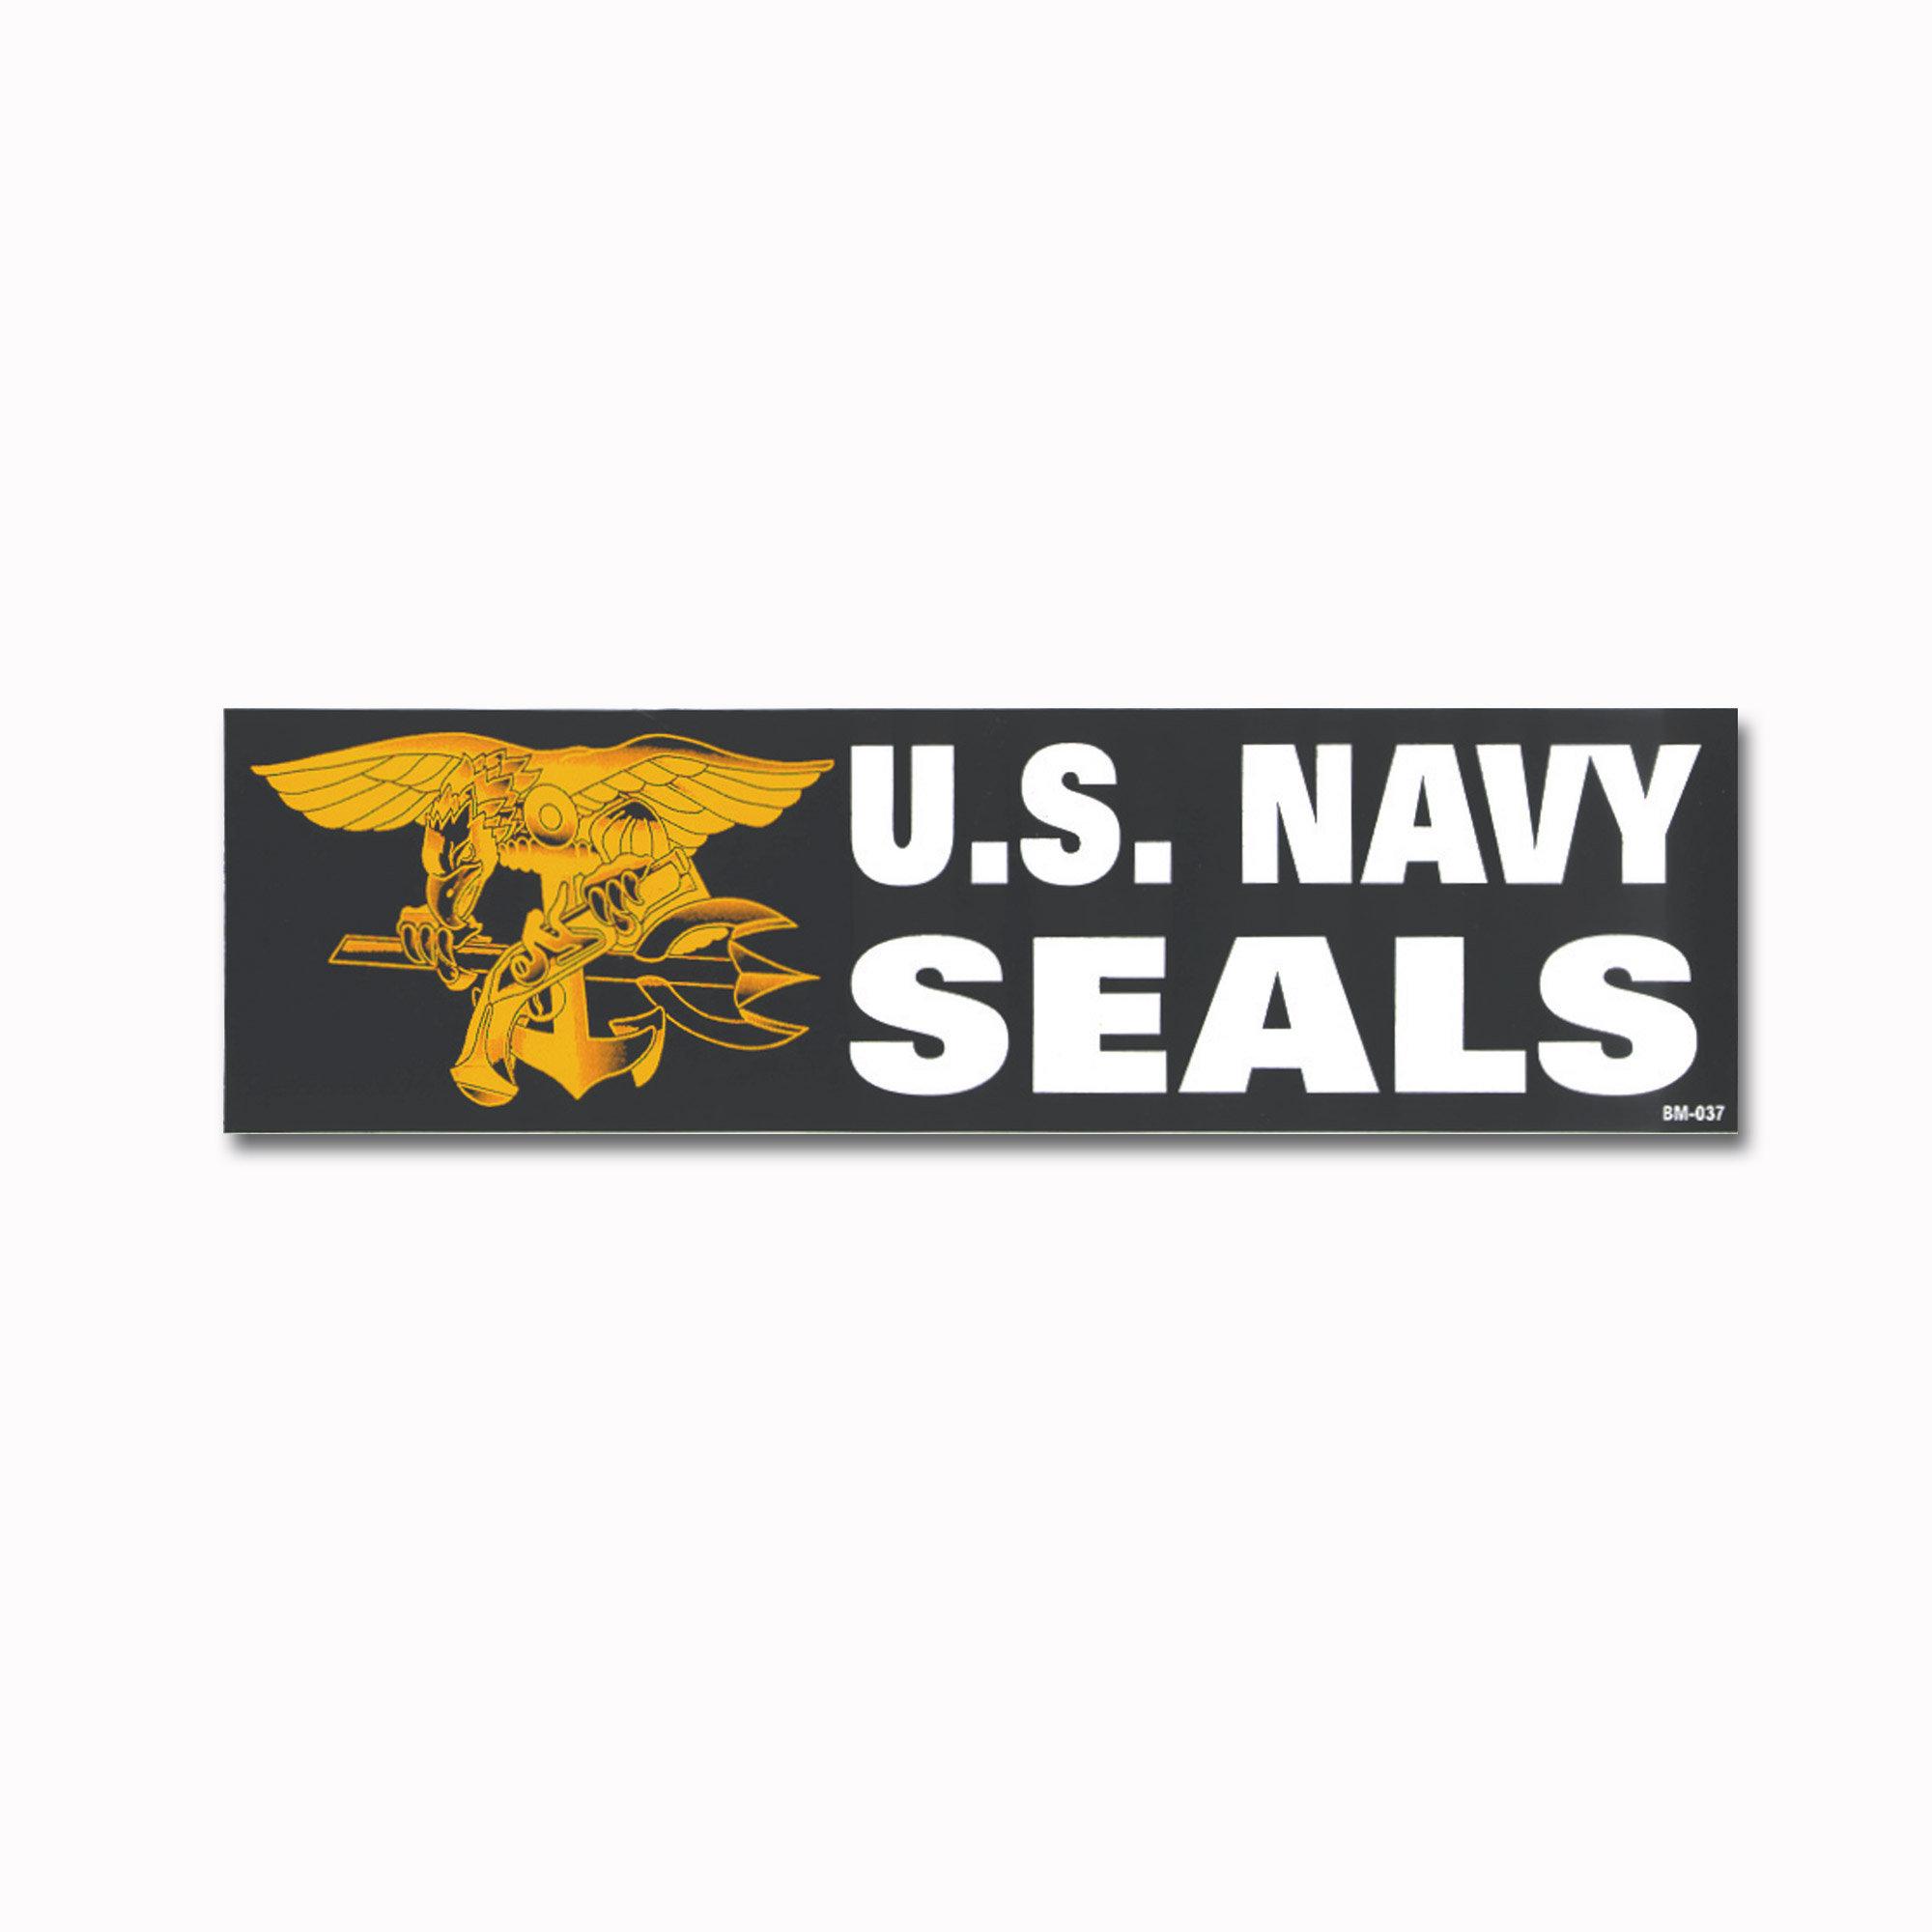 Calcomanía U.S. Navy Seals